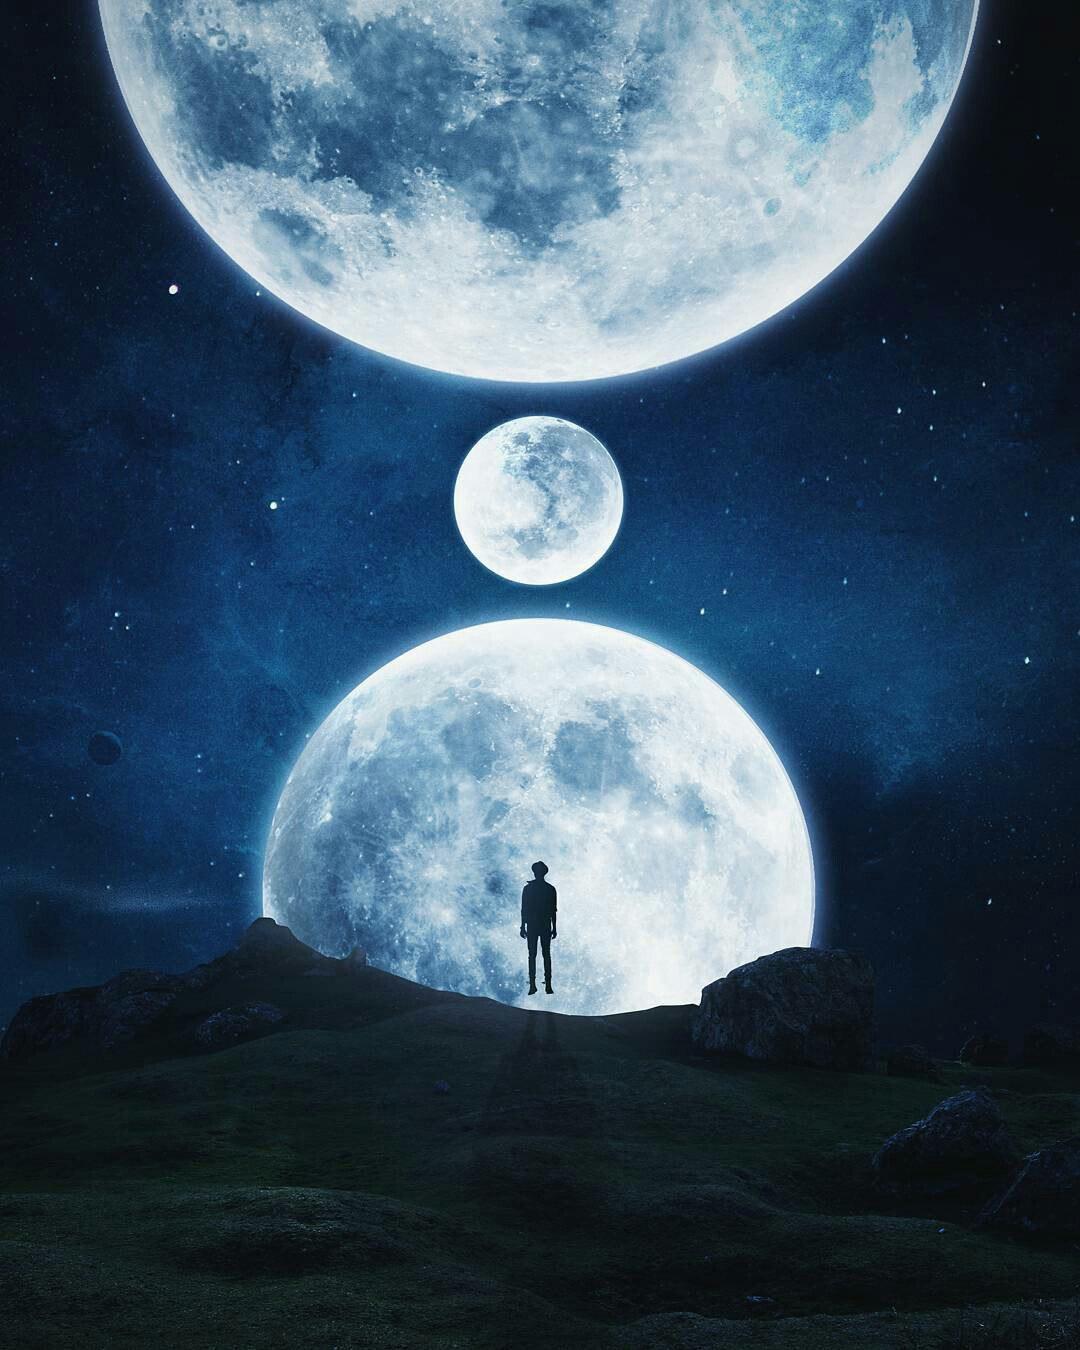 Звёздное небо и космос в картинках - Страница 39 YsfE8EN1VrE